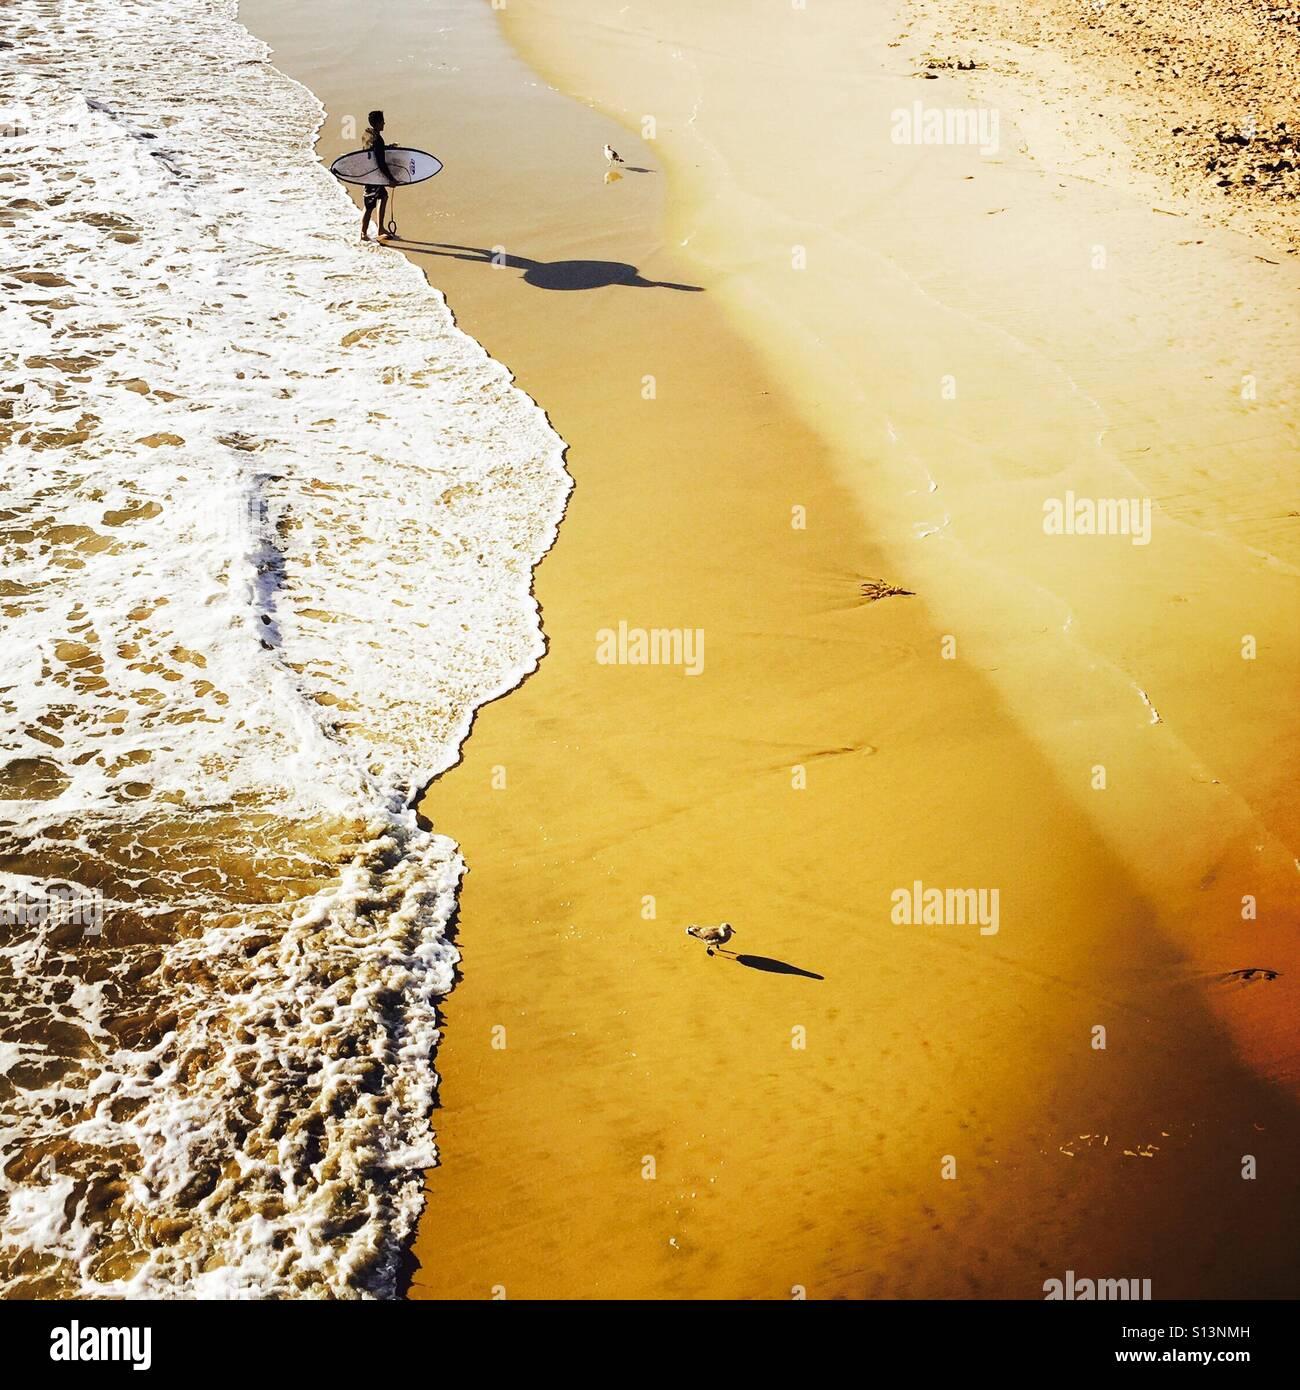 Eine männliche Surfer geht bis zum Strand nach dem Surfen. Manhattan Beach, Kalifornien USA. Stockbild